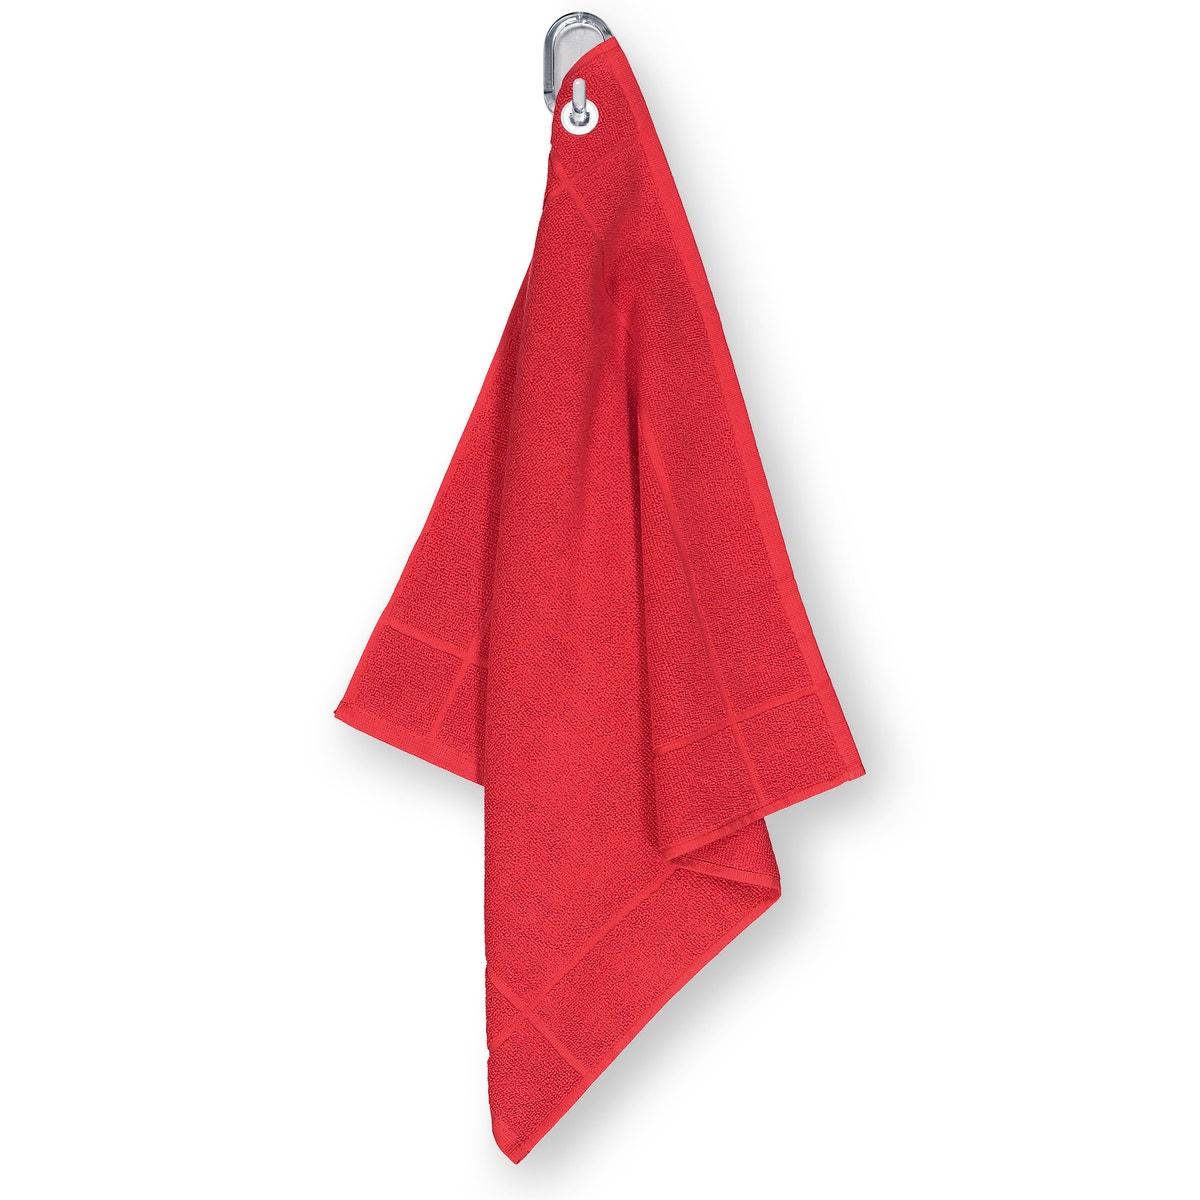 Βαμβακερή πετσέτα χεριών, με καψούλι